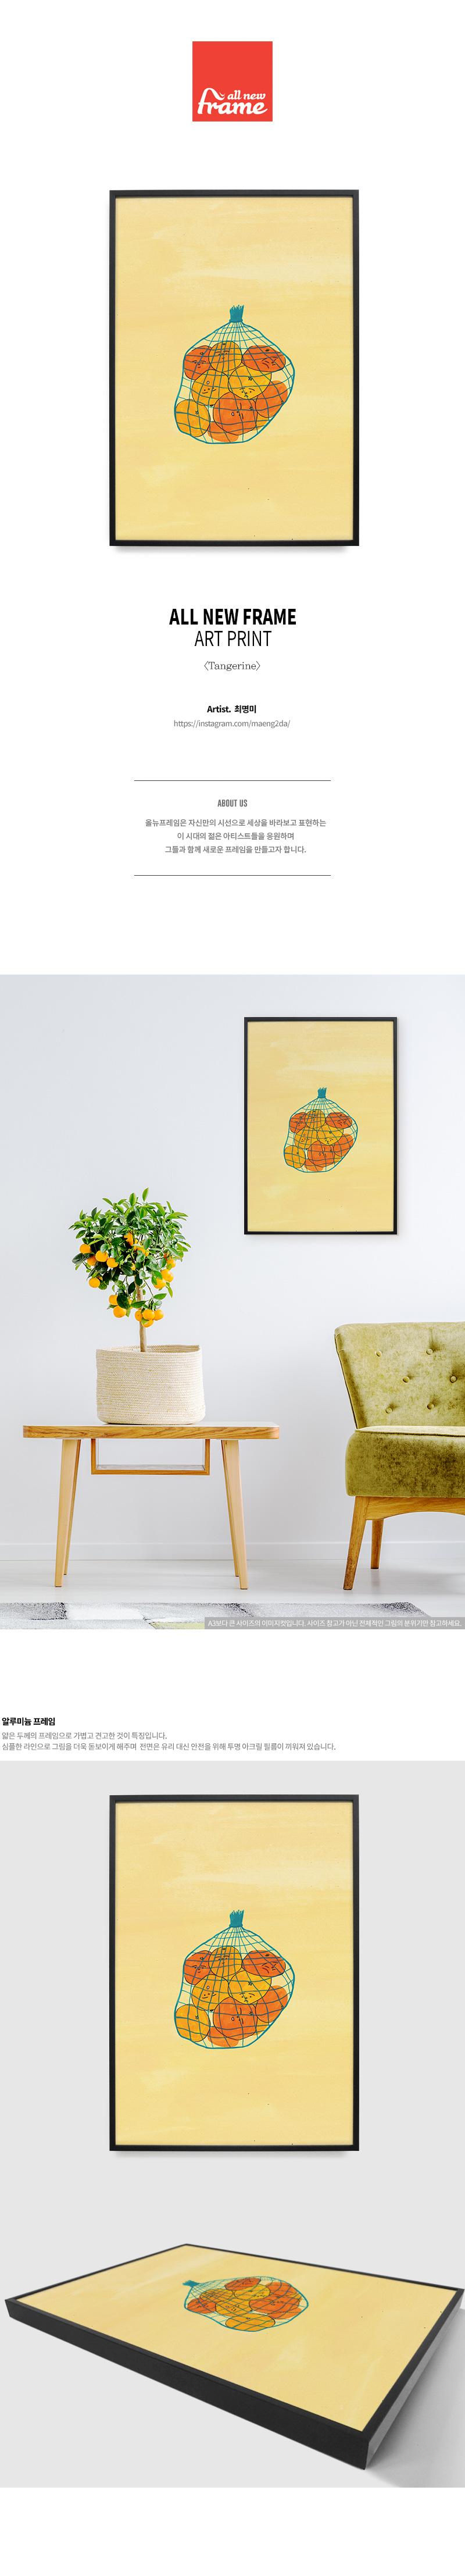 Tangerine- 일러스트 액자 - 올뉴프레임, 55,000원, 홈갤러리, 캔버스아트